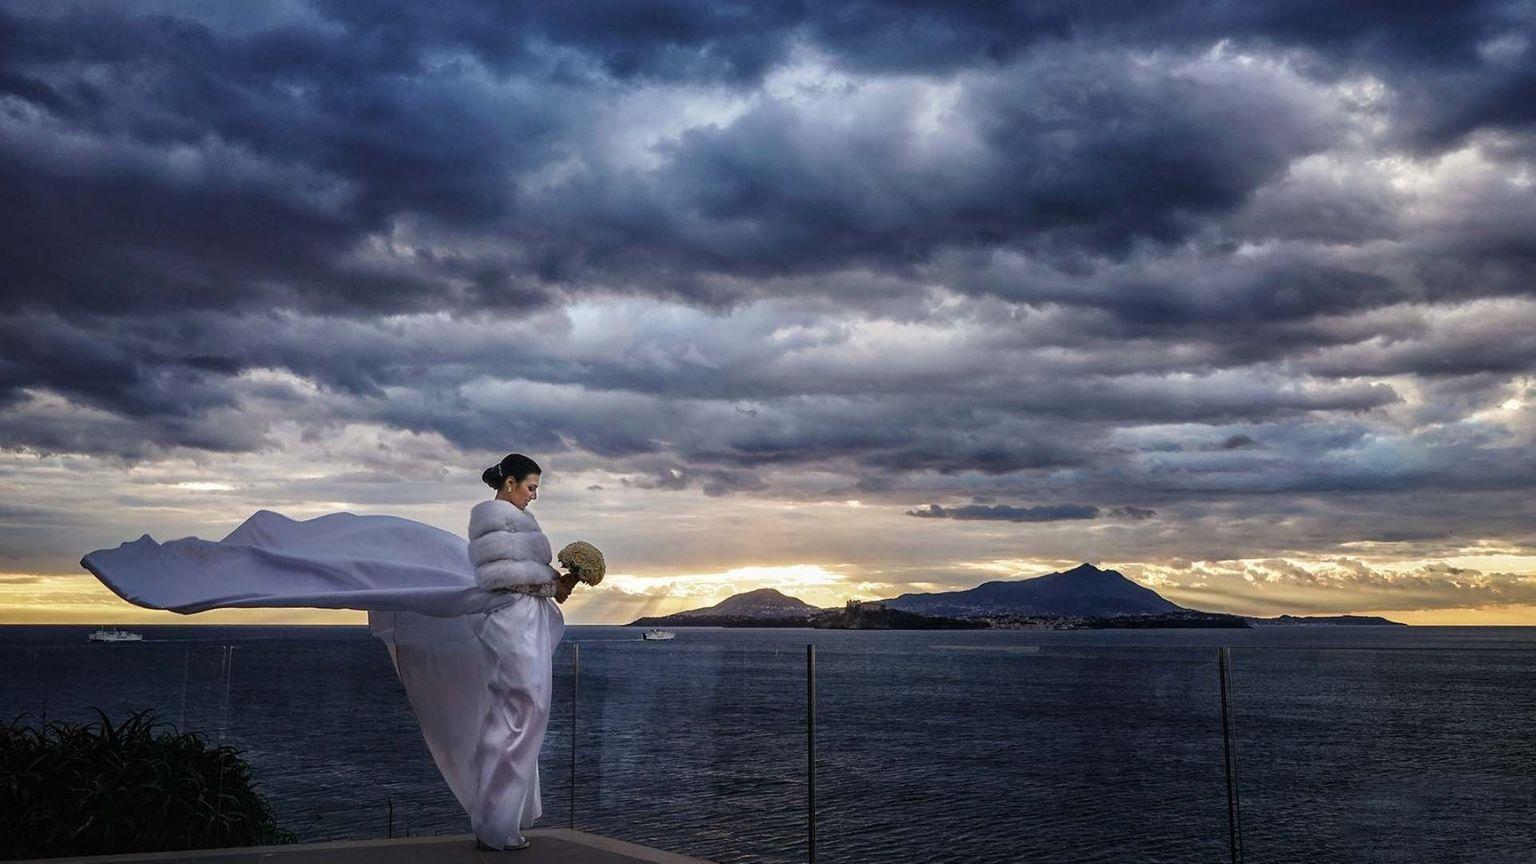 Matrimonio inverno 2020-2021: i trend del momento